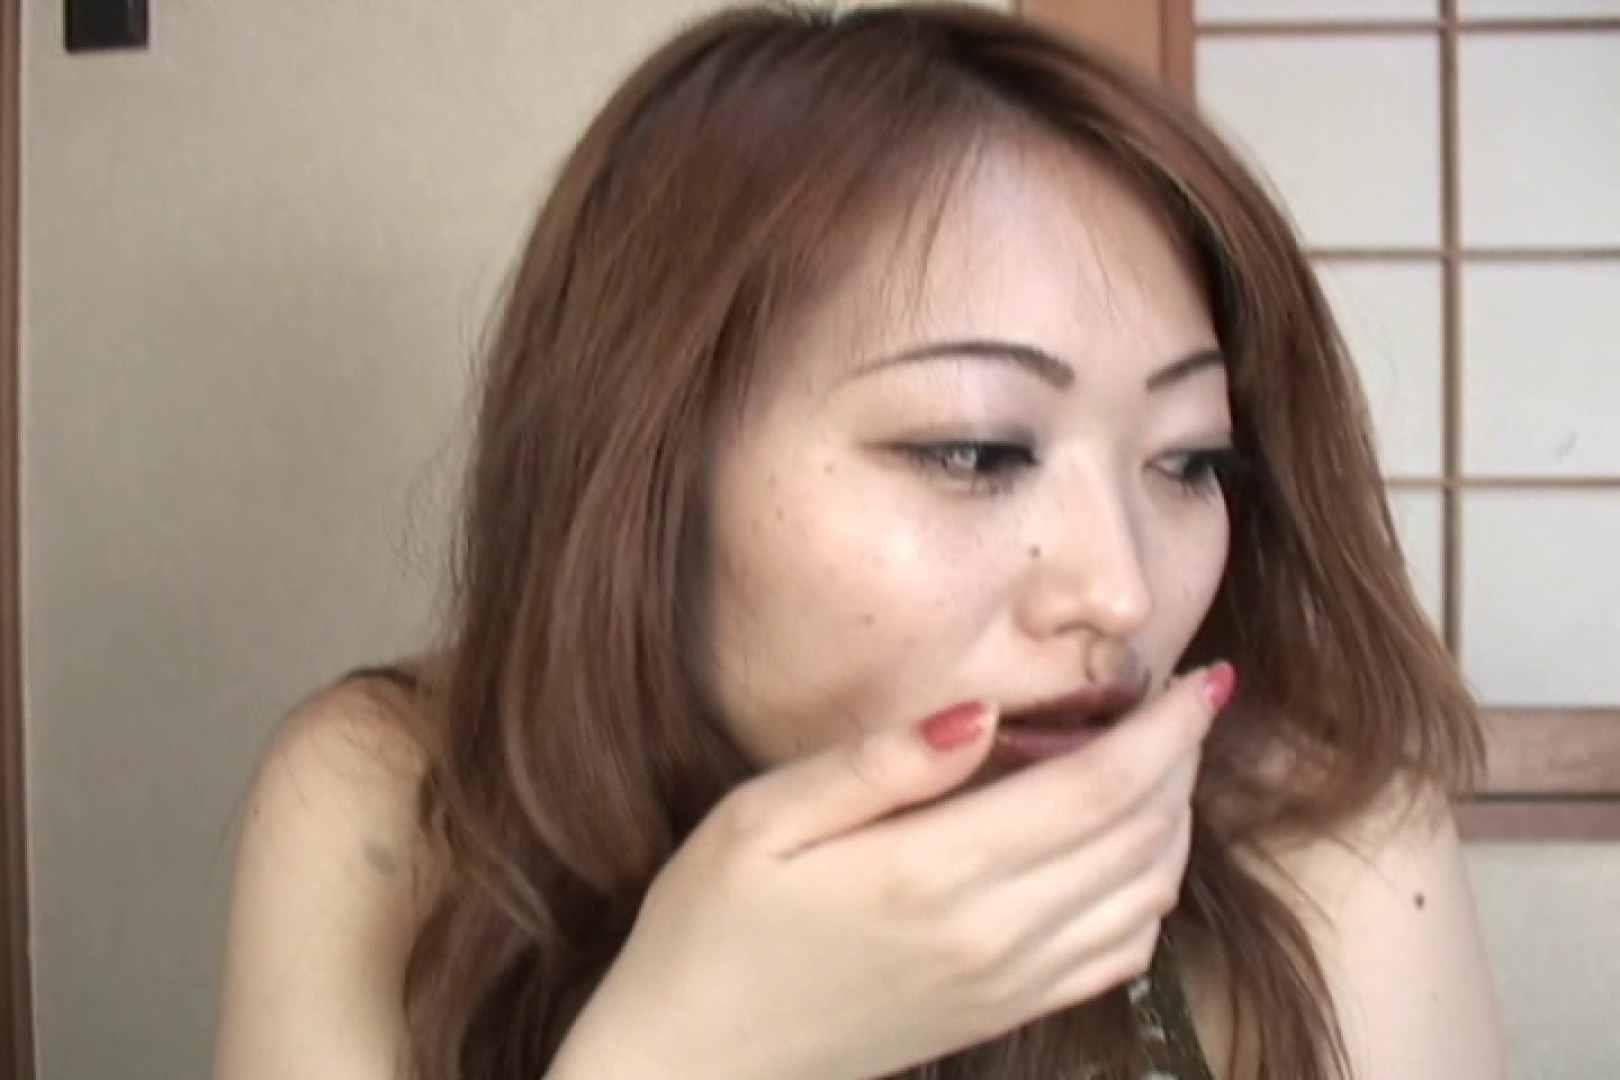 仕事で月200本のチンポを相手する22歳若人妻~桜井あい~ 0  89pic 25